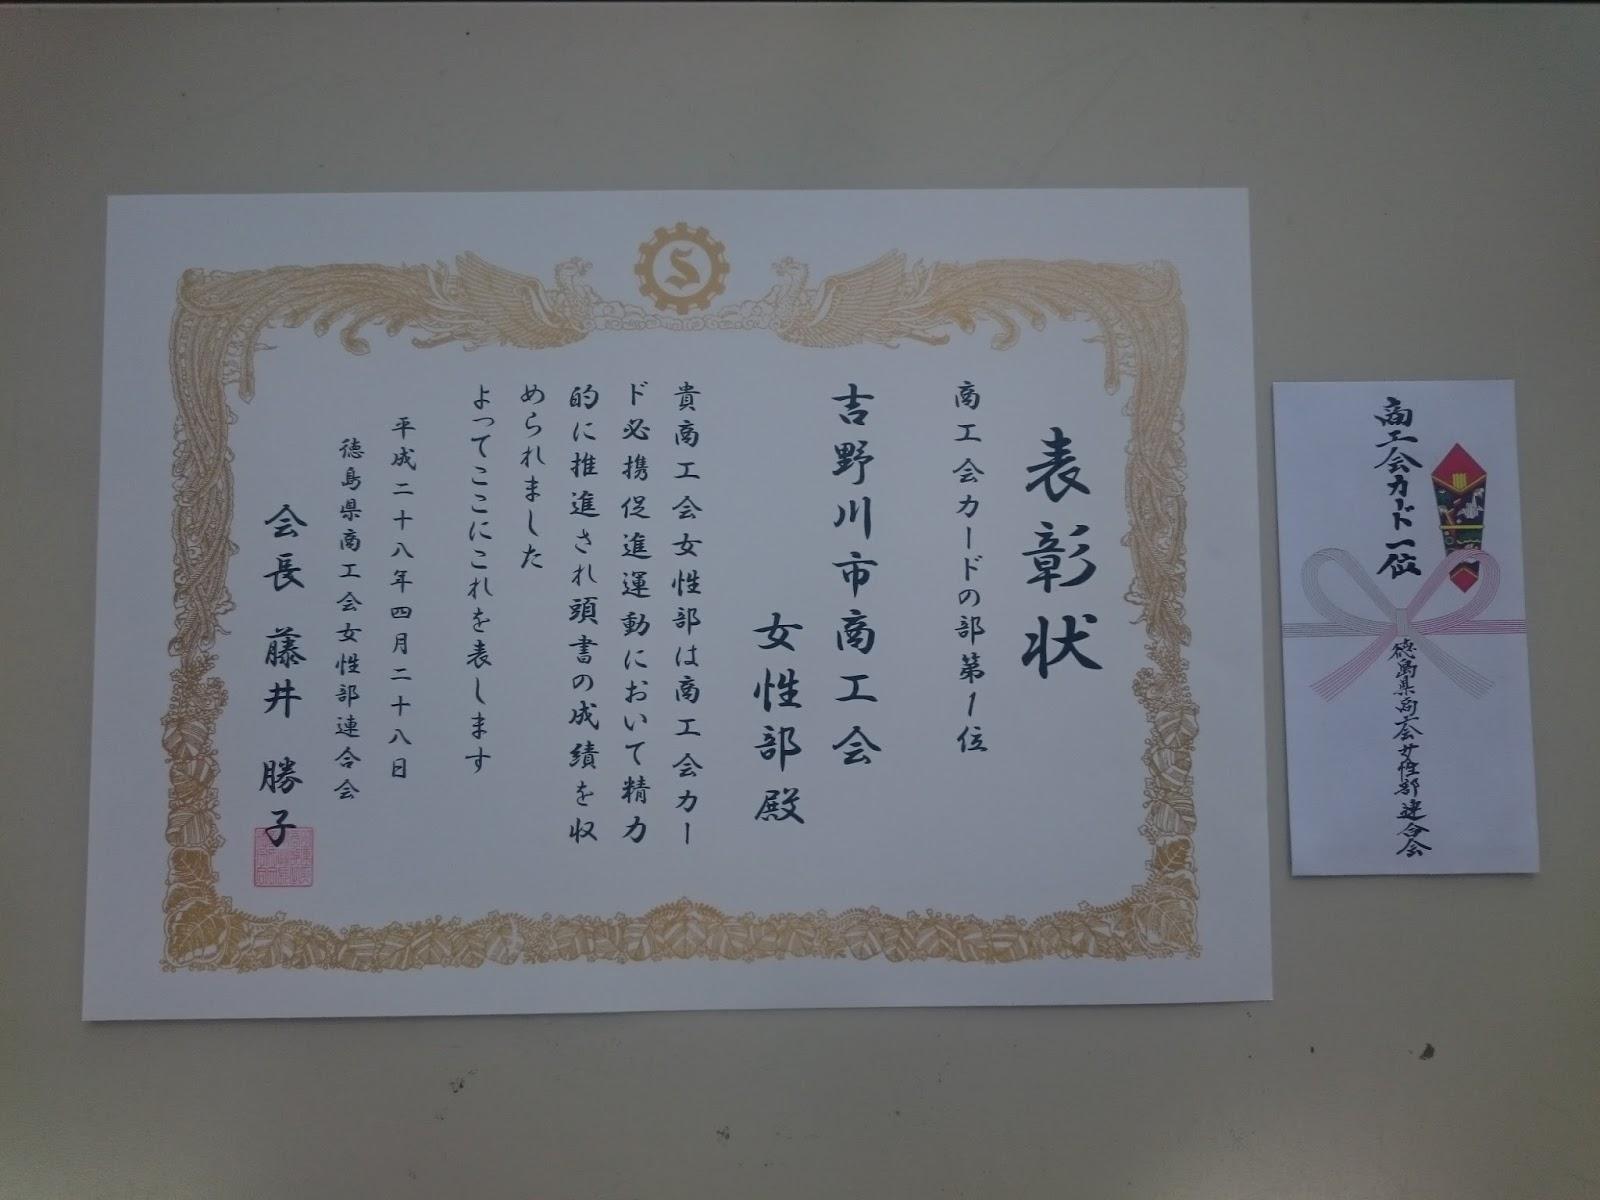 吉野川市商工会公式サイトは山川町・美郷・川島町の商工業に関するニュースと地域情報をお伝えしていきます。